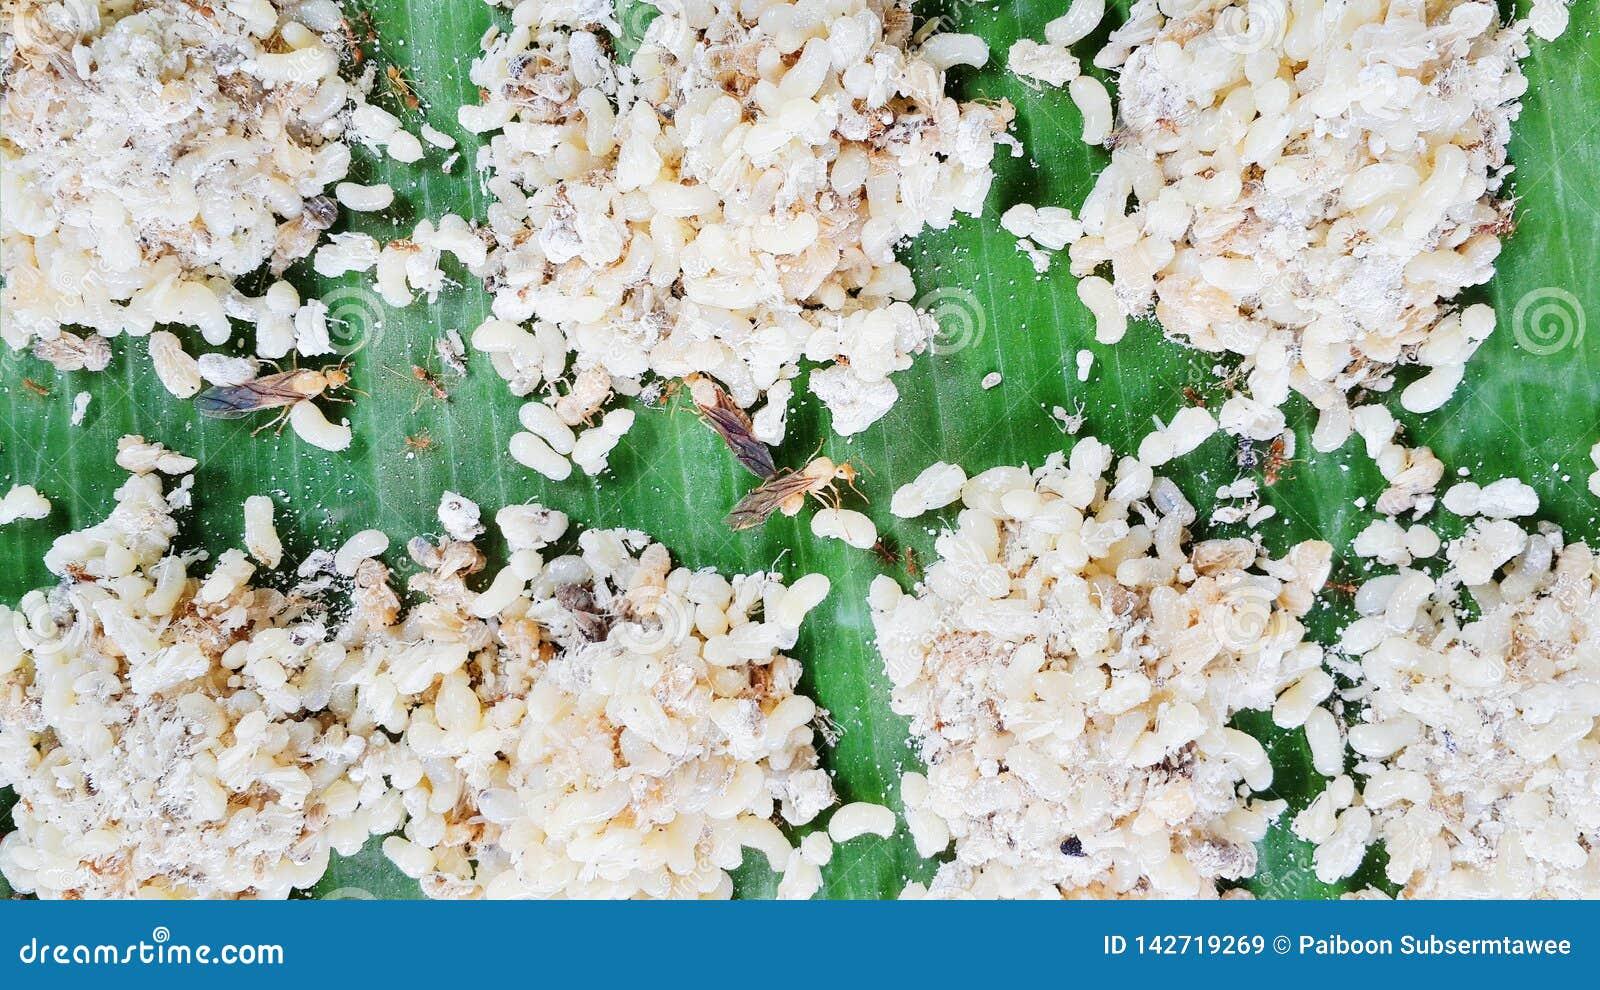 Le uova delle formiche sotterranee sono piatti popolari della gente rurale e sono alimenti stagionali